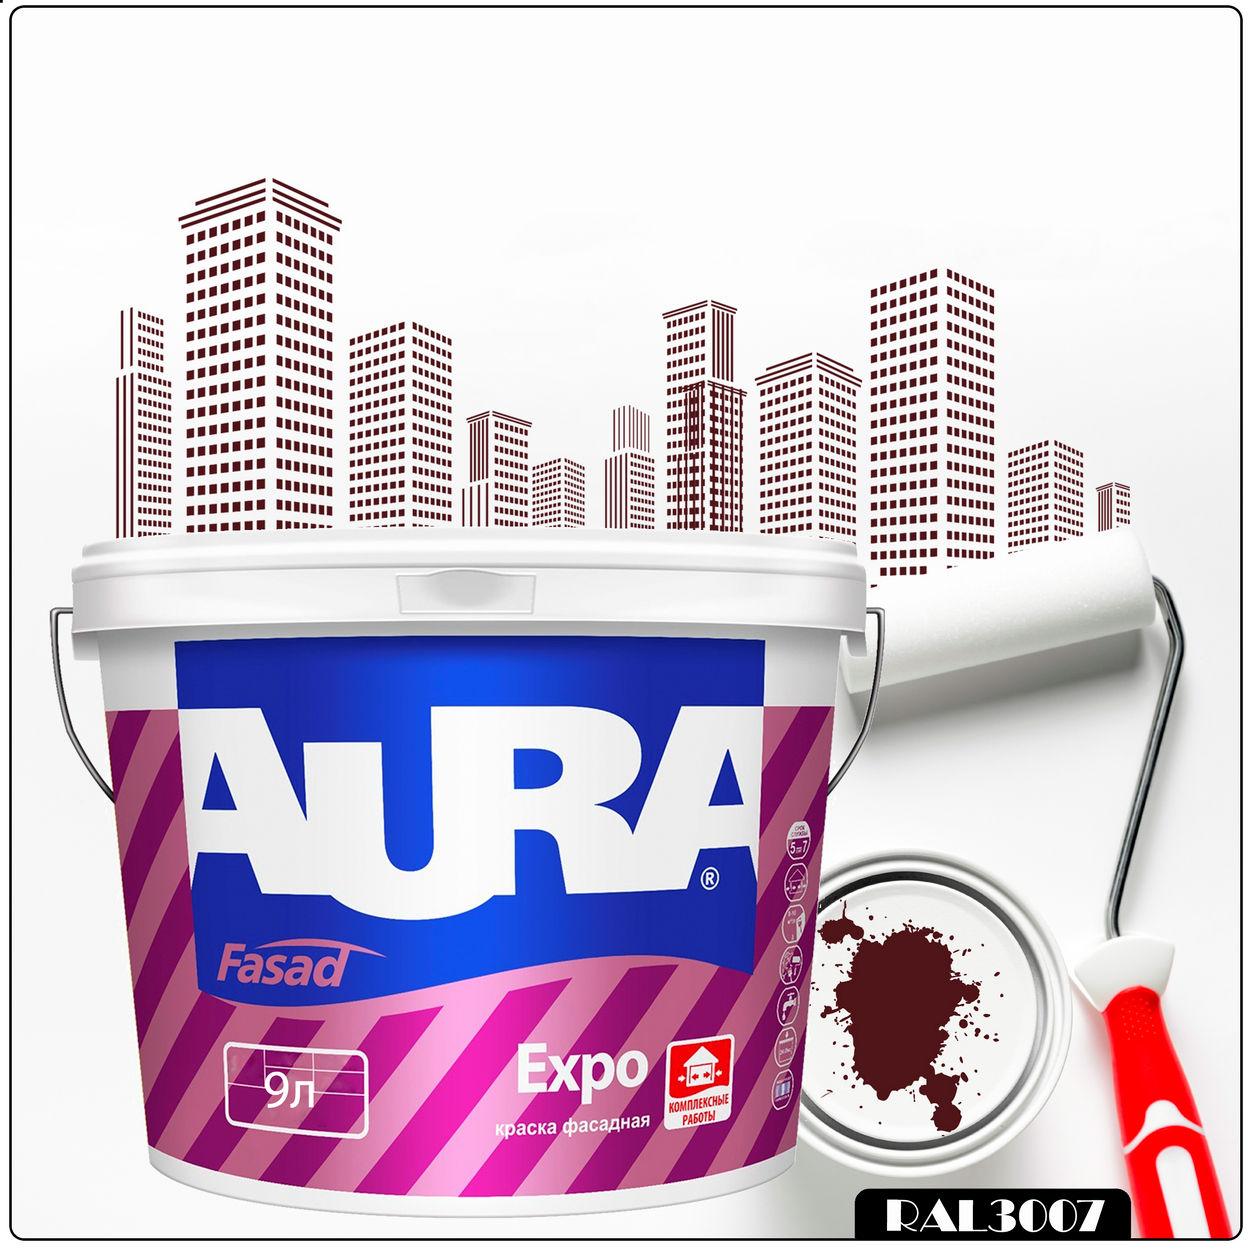 Фото 7 - Краска Aura Fasad Expo, RAL 3007 Чёрно-красный, матовая, для фасадов и помещений с повышенной влажностью, 9л.